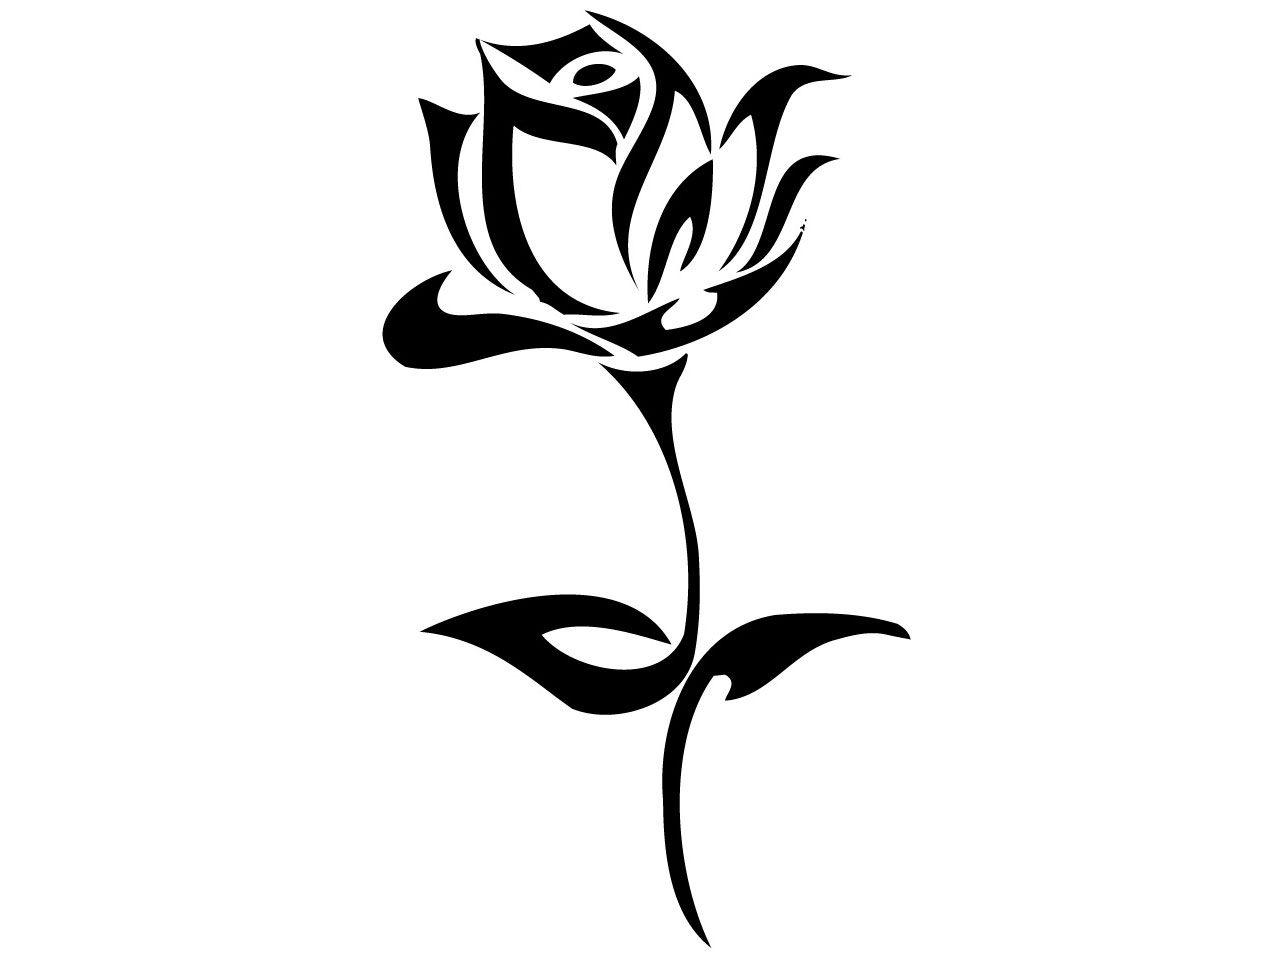 1280x960 Black And White Sunflower Tattoo Clipart Panda